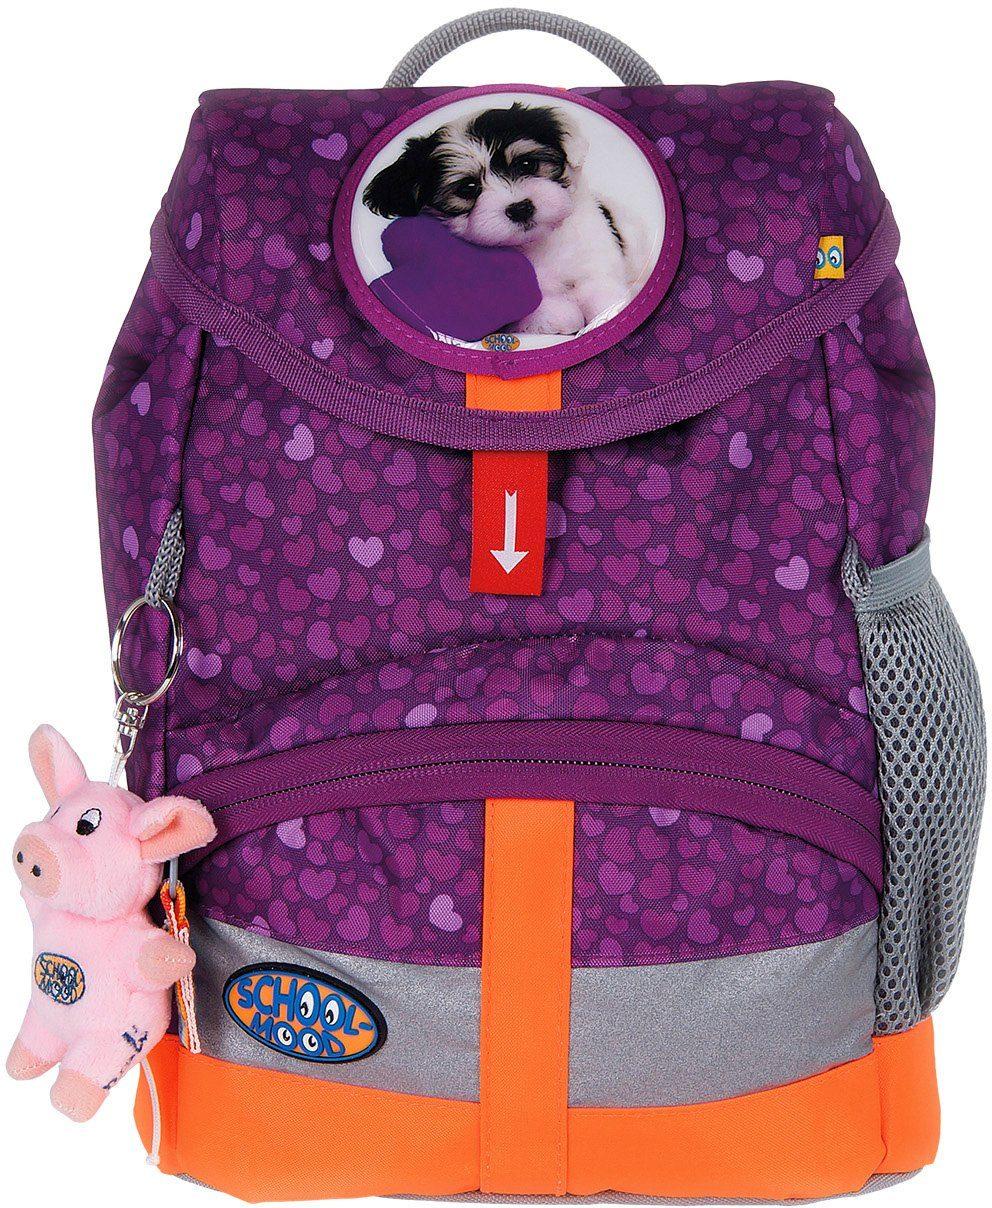 School Mood Kindergartenrucksack mit innenliegendem Trinkflaschenhalter, lilack, »Kiddy Hund«